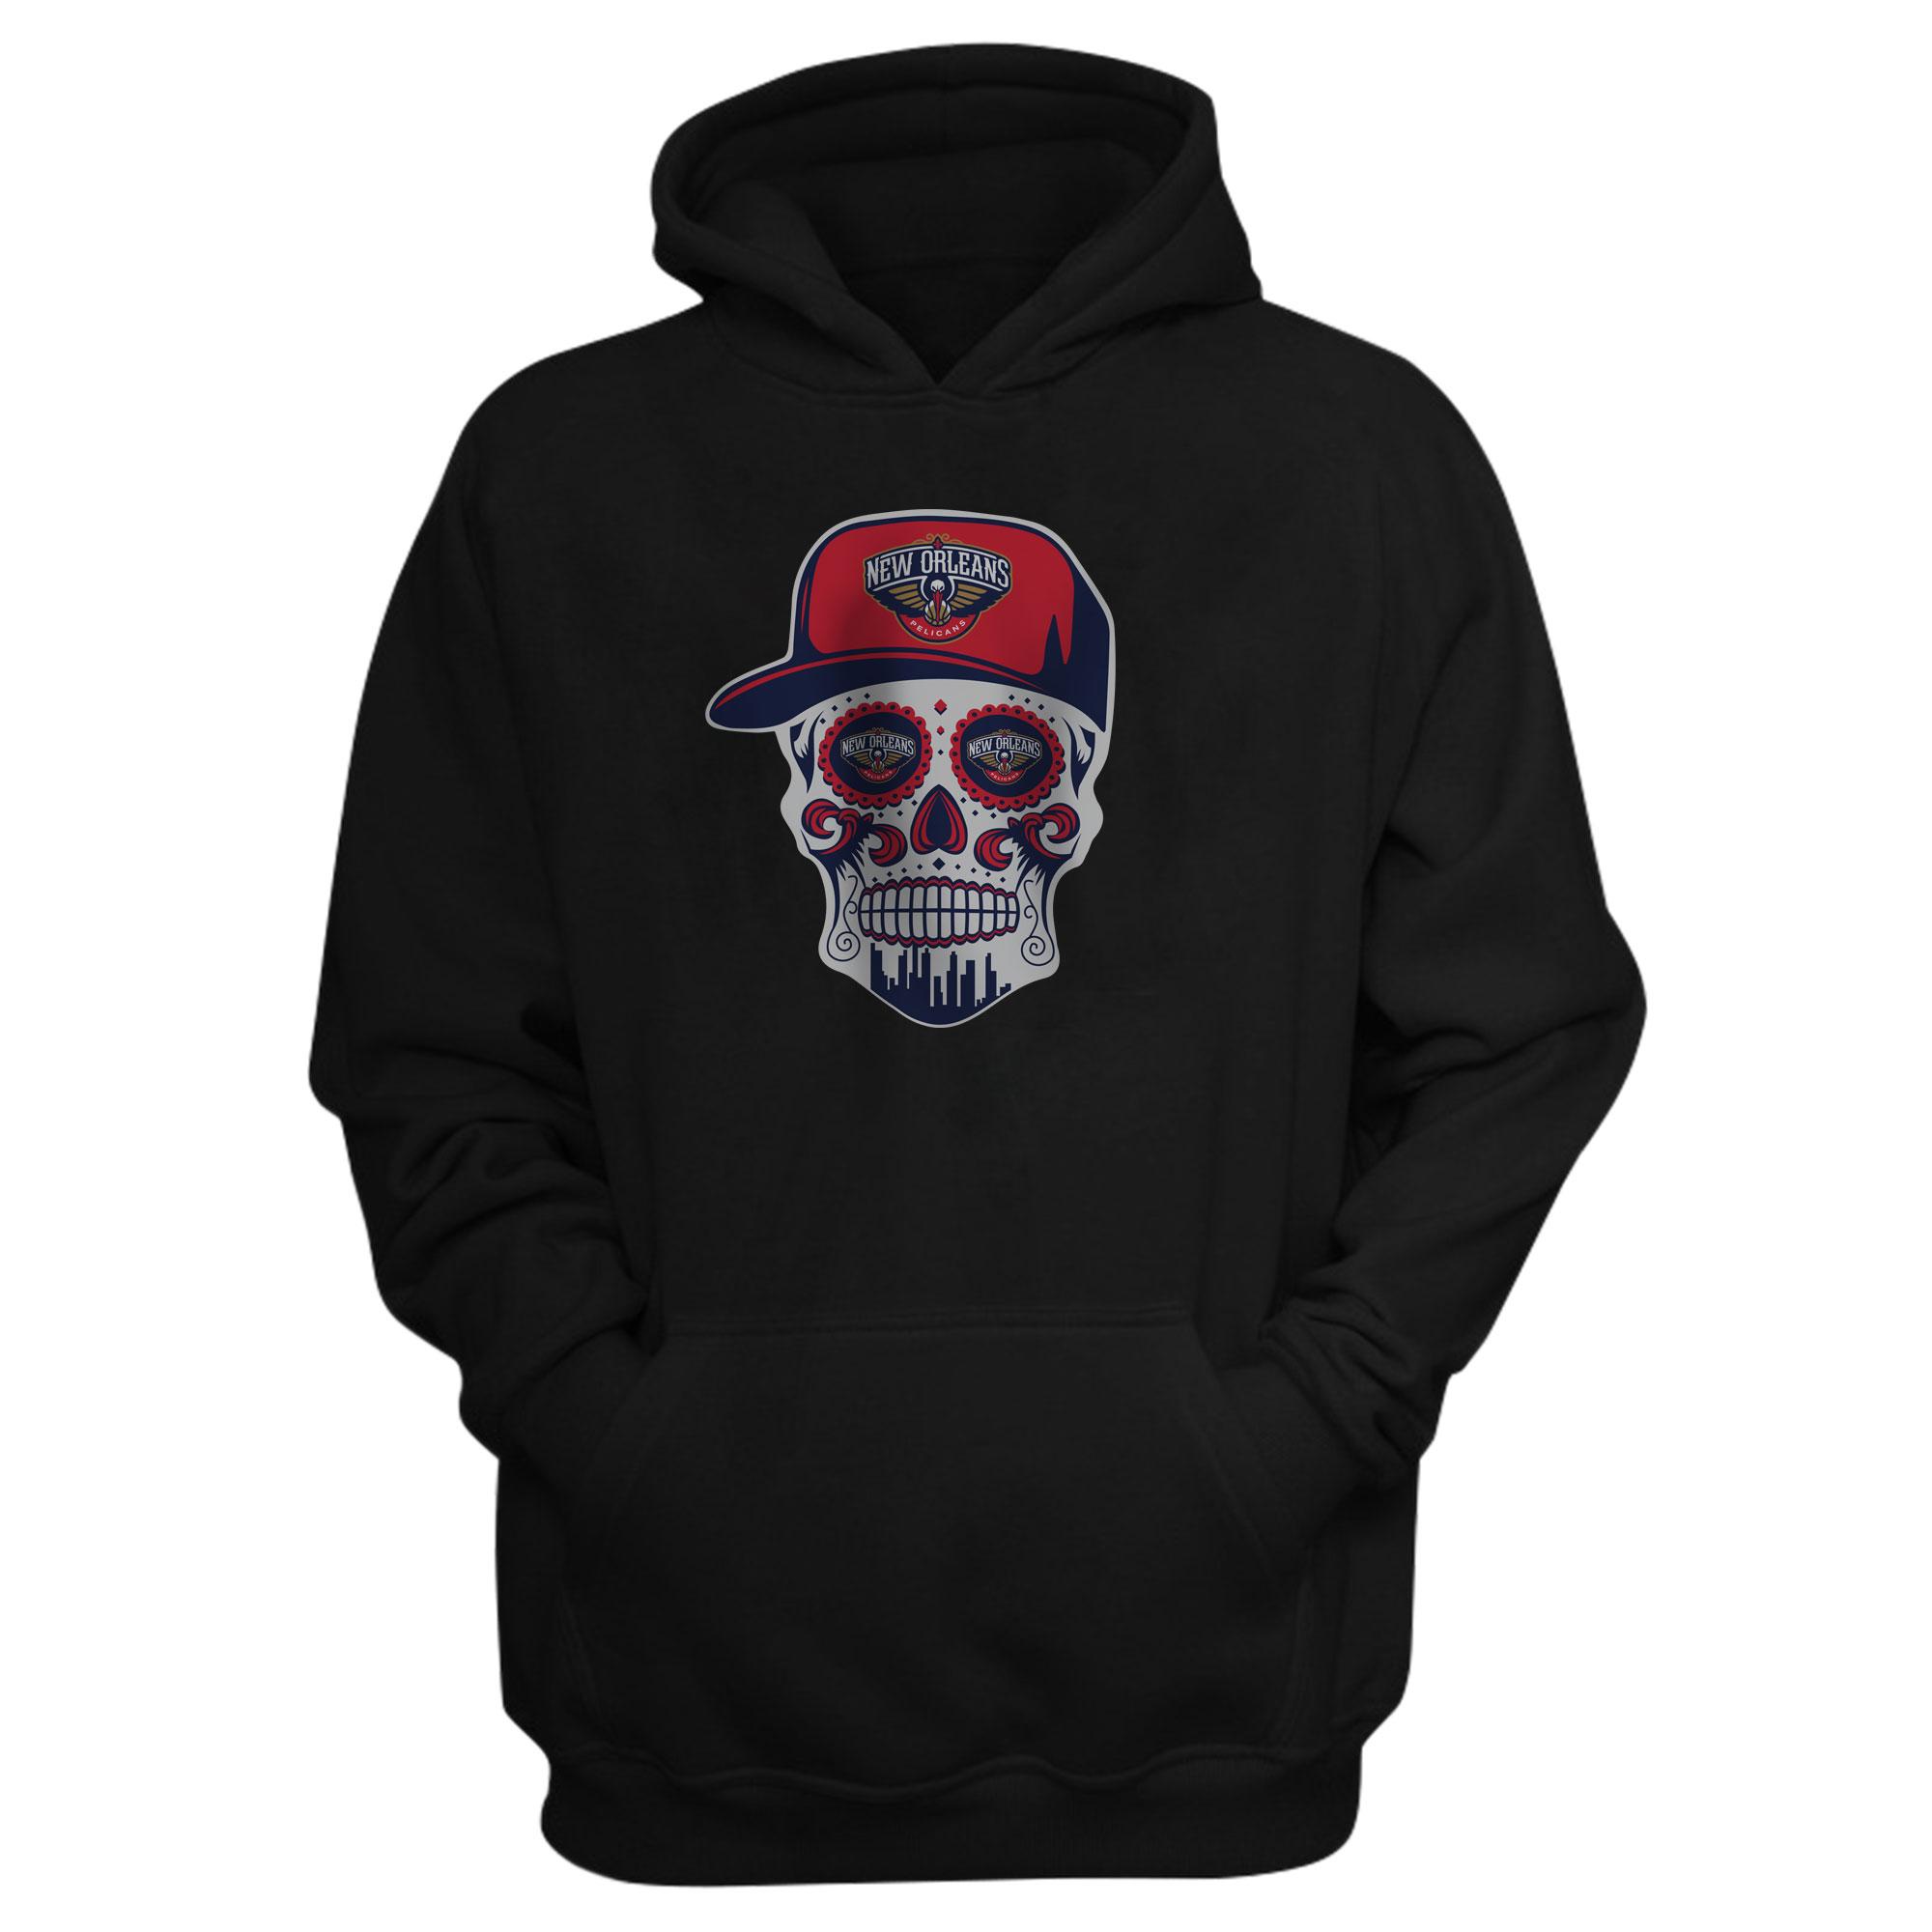 Pelicans Skull Hoodie (HD-BLC-NP-460-NBA-NOLA-SKULL)